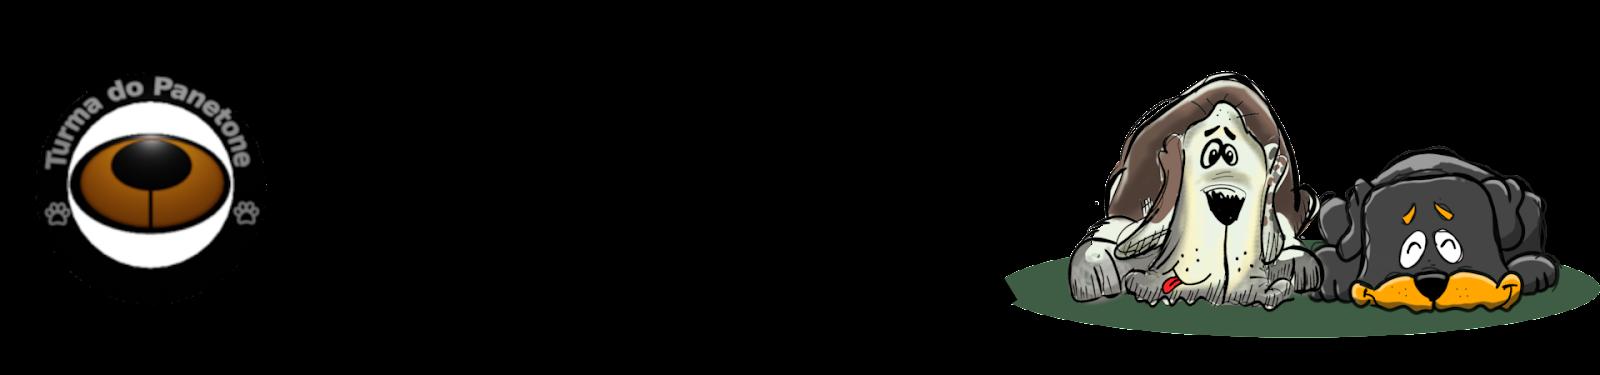 Turma do Panetone